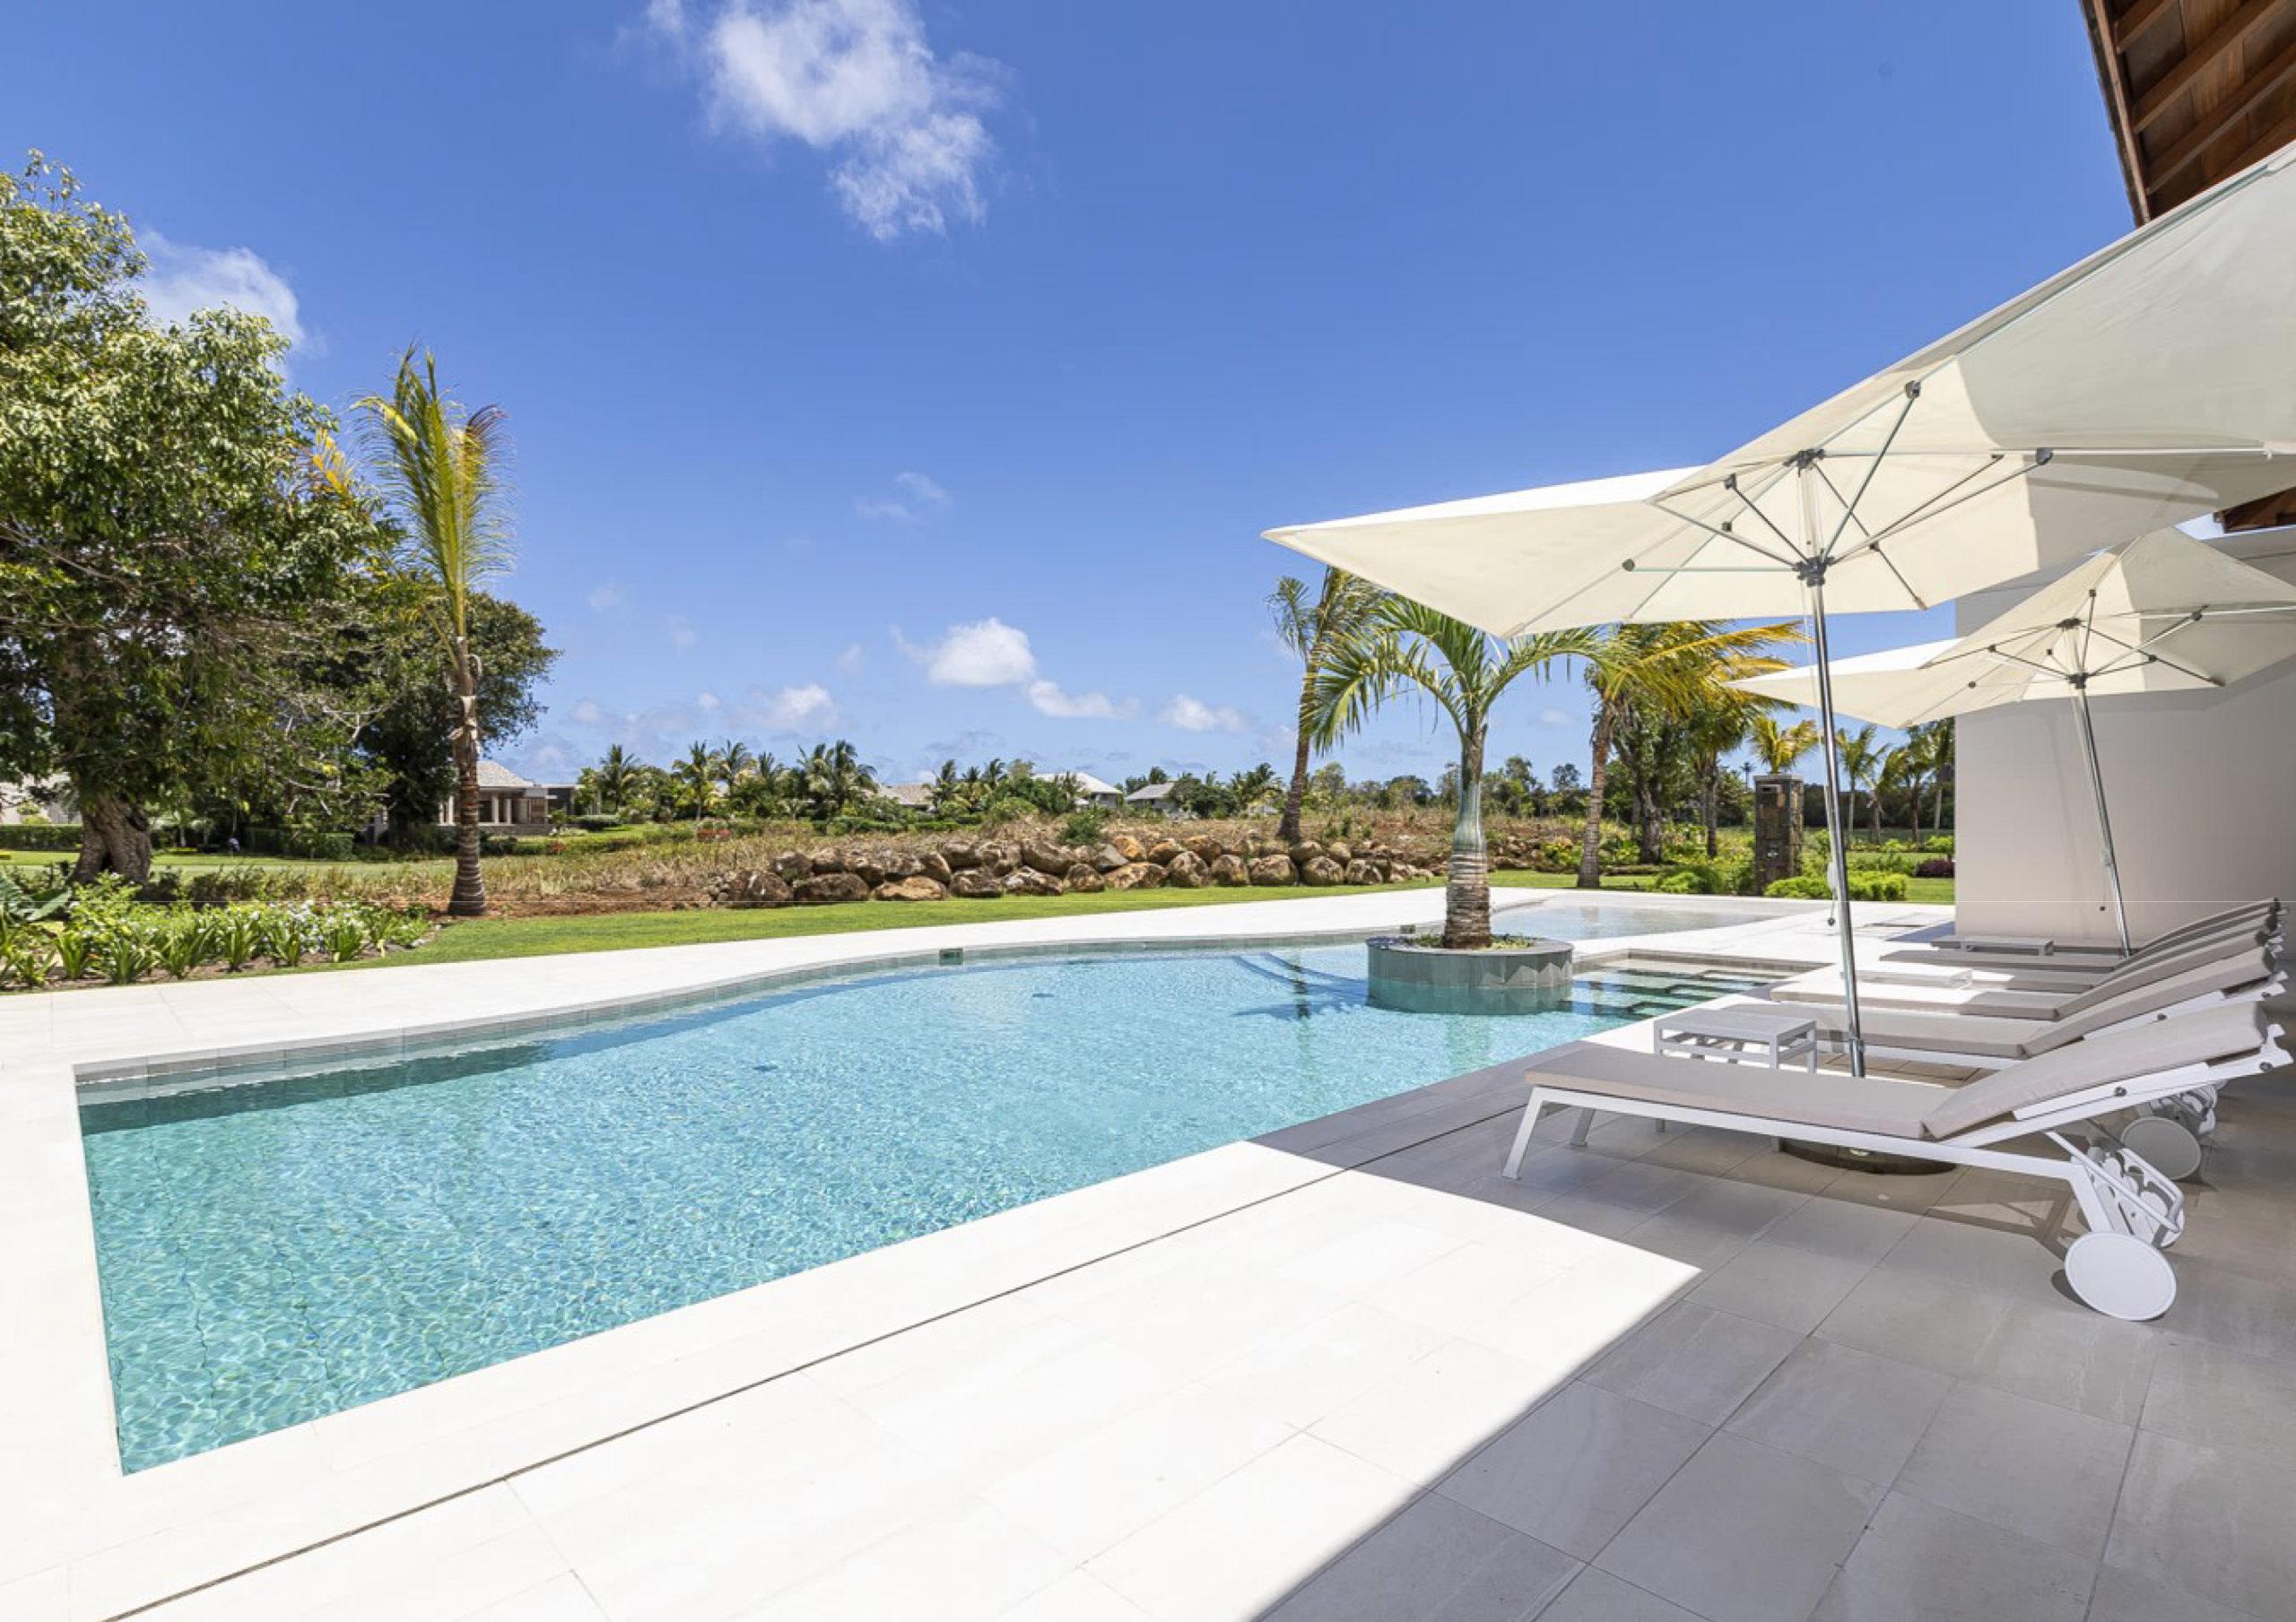 Magnifique villa contemporaine de 400 m2 sur un terrain de 2003 m2